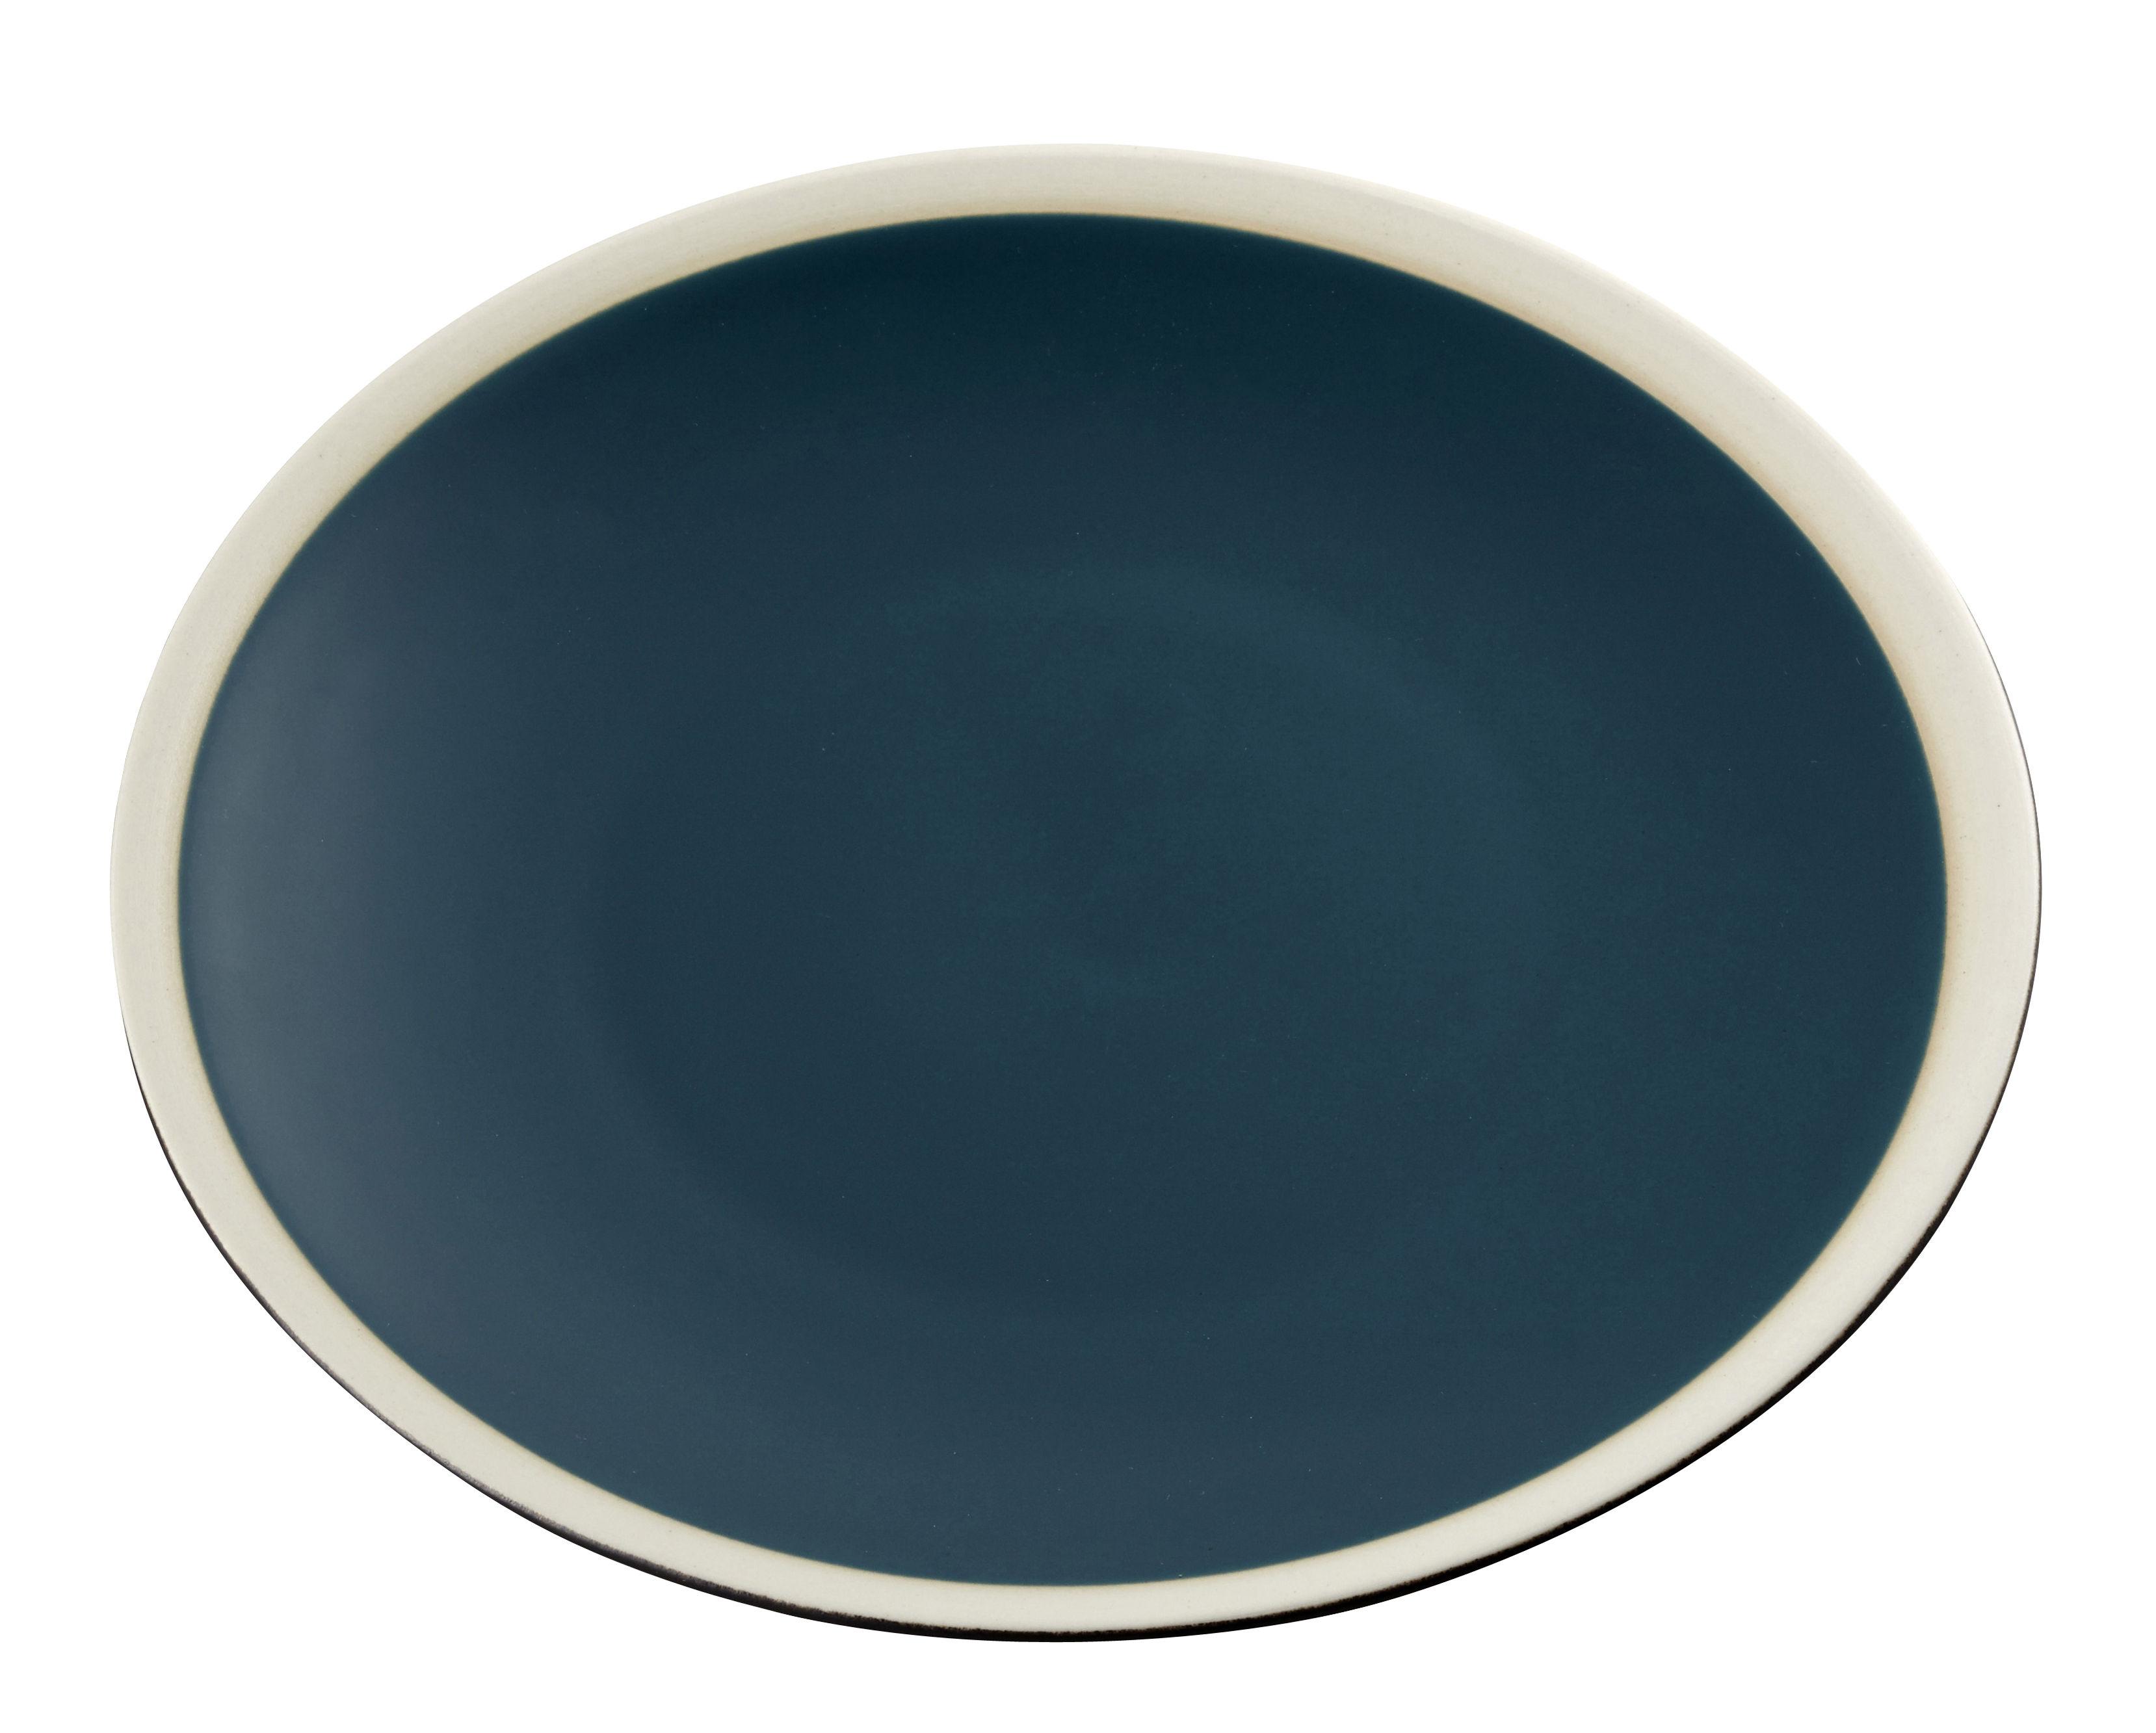 Arts de la table - Assiettes - Assiette Sicilia / Ø 26 cm - Maison Sarah Lavoine - Bleu Sarah / Blanc - Grès peint et émaillé